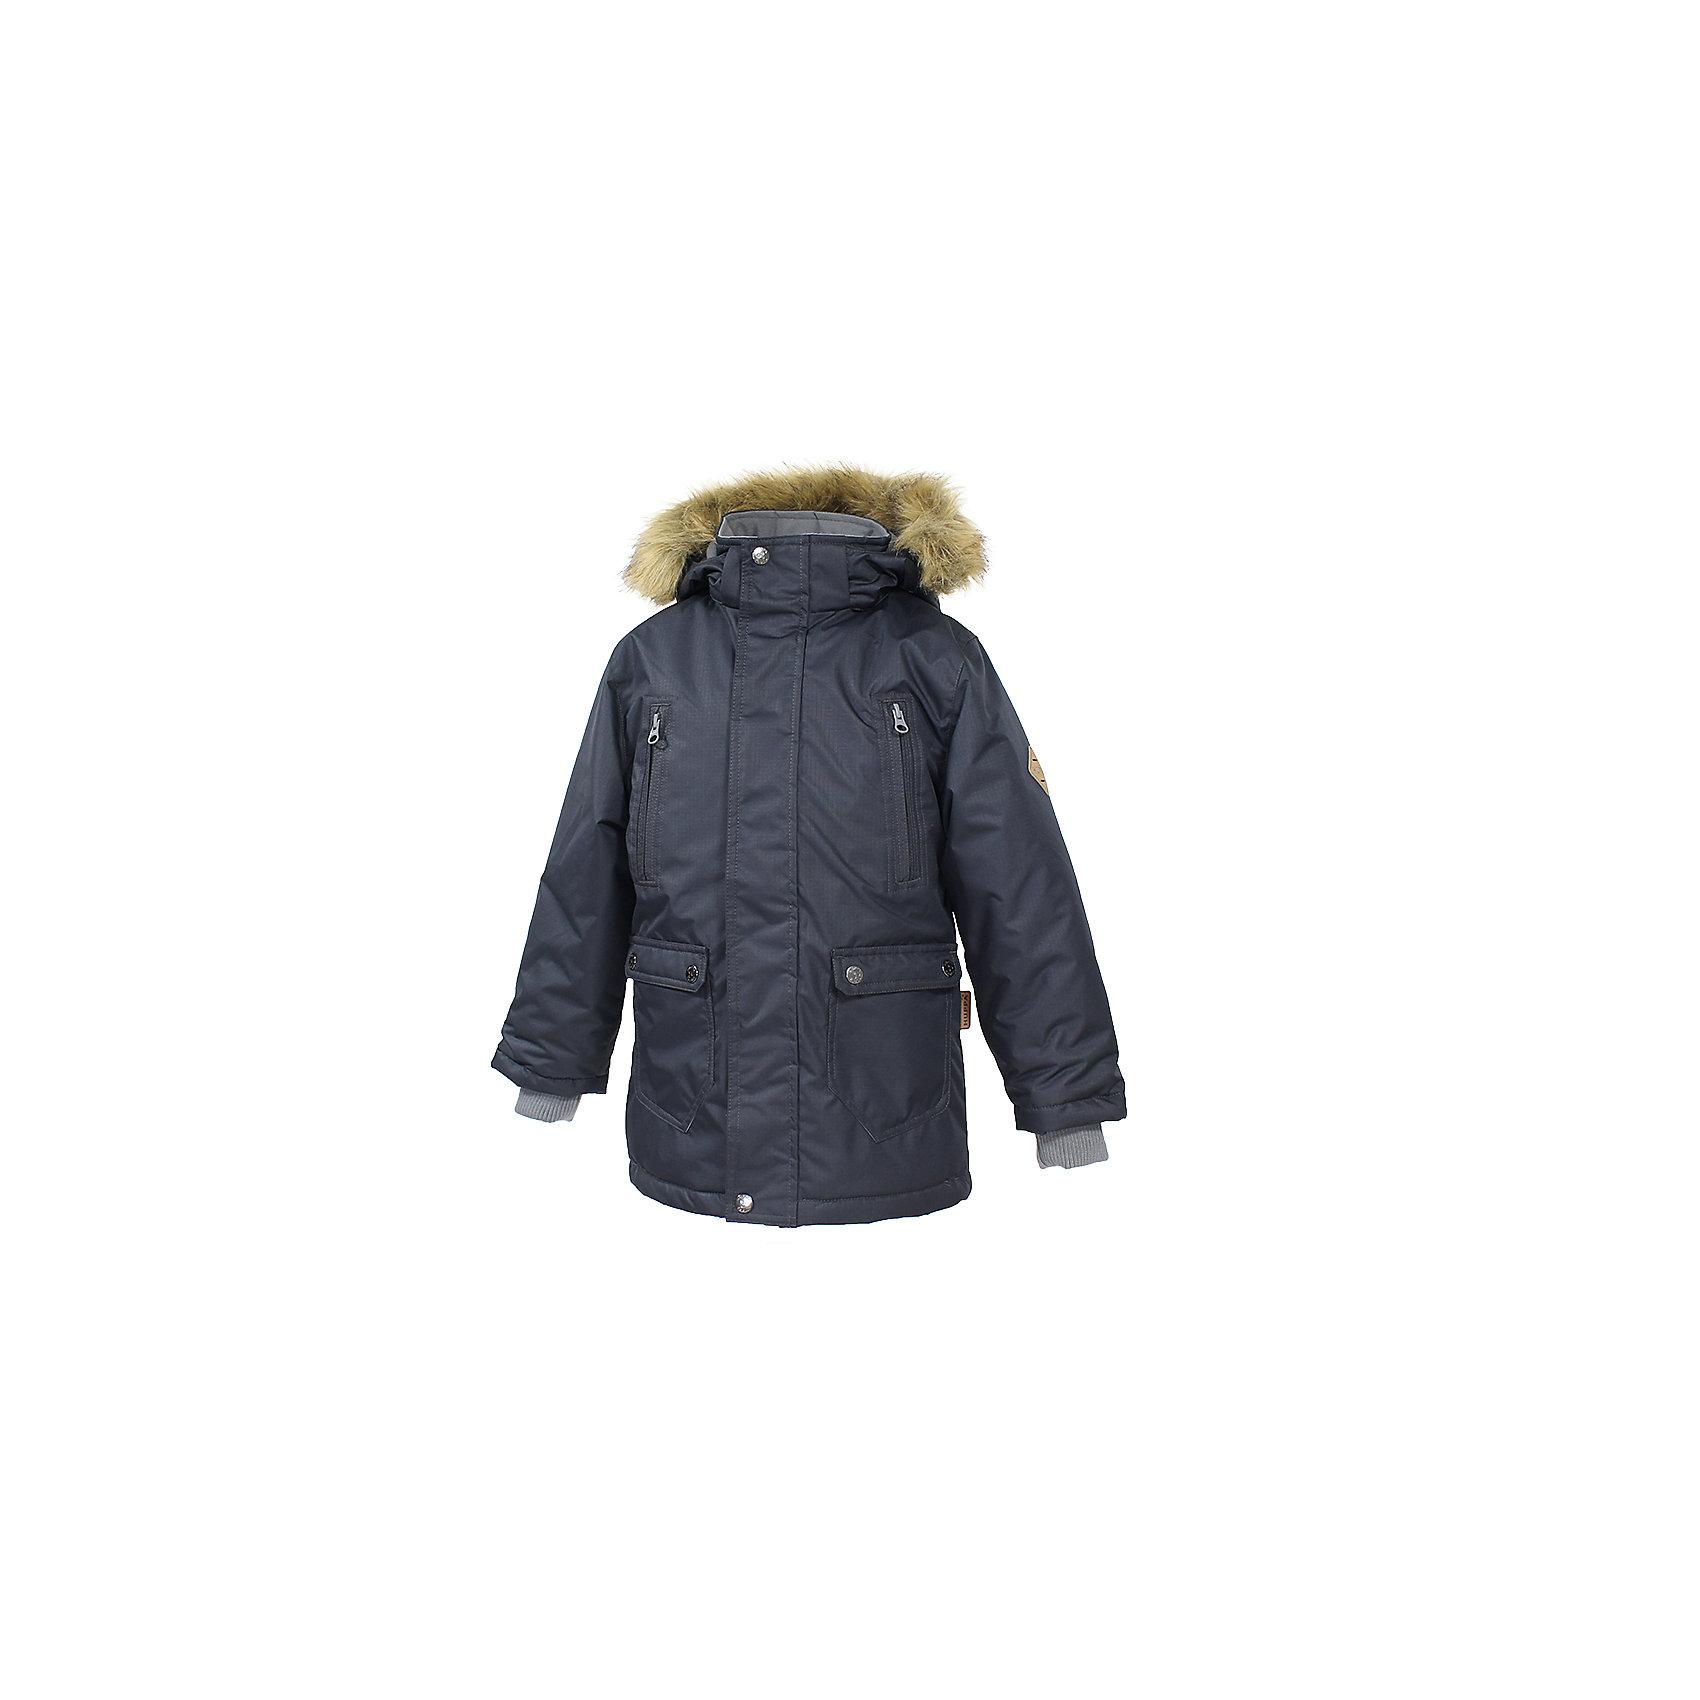 Куртка   для мальчика HuppaСтильная куртка-парка VESPER Huppa(Хуппа).<br><br>Утеплитель: 100% полиэстер, 300 гр.<br><br>Температурный режим: до -30 градусов. Степень утепления – высокая. <br><br>* Температурный режим указан приблизительно — необходимо, прежде всего, ориентироваться на ощущения ребенка. Температурный режим работает в случае соблюдения правила многослойности – использования флисовой поддевы и термобелья.<br><br>Очень теплая и водонепроницаемая. Отличный выбор для долгих зимних прогулок!<br><br>Особенности:<br>-водоотталкивающая мембрана выводит лишнюю влагу<br>-утеплитель HuppaTherm прекрасно сохраняет объем, легко стирается и быстро высыхает <br>-проклеенные водостойкой лентой швы, обеспечат максимальную водонепроницаемость<br>-светоотражающие элементы уменьшают вероятность несчастных случаев в темное время суток<br>-капюшон с отстегивающимся мехом<br><br>Дополнительная информация:<br>Материал: 100% полиэстер<br>Подкладка: тафта, pritex - 100% полиэстер<br>Цвет: черный<br><br>Куртку VESPER Huppa(Хуппа) вы можете купить в нашем интернет-магазине.<br><br>Ширина мм: 356<br>Глубина мм: 10<br>Высота мм: 245<br>Вес г: 519<br>Цвет: серый<br>Возраст от месяцев: 36<br>Возраст до месяцев: 48<br>Пол: Мужской<br>Возраст: Детский<br>Размер: 104,170,110,116,122,128,134,140,146,152,158,164<br>SKU: 4928215